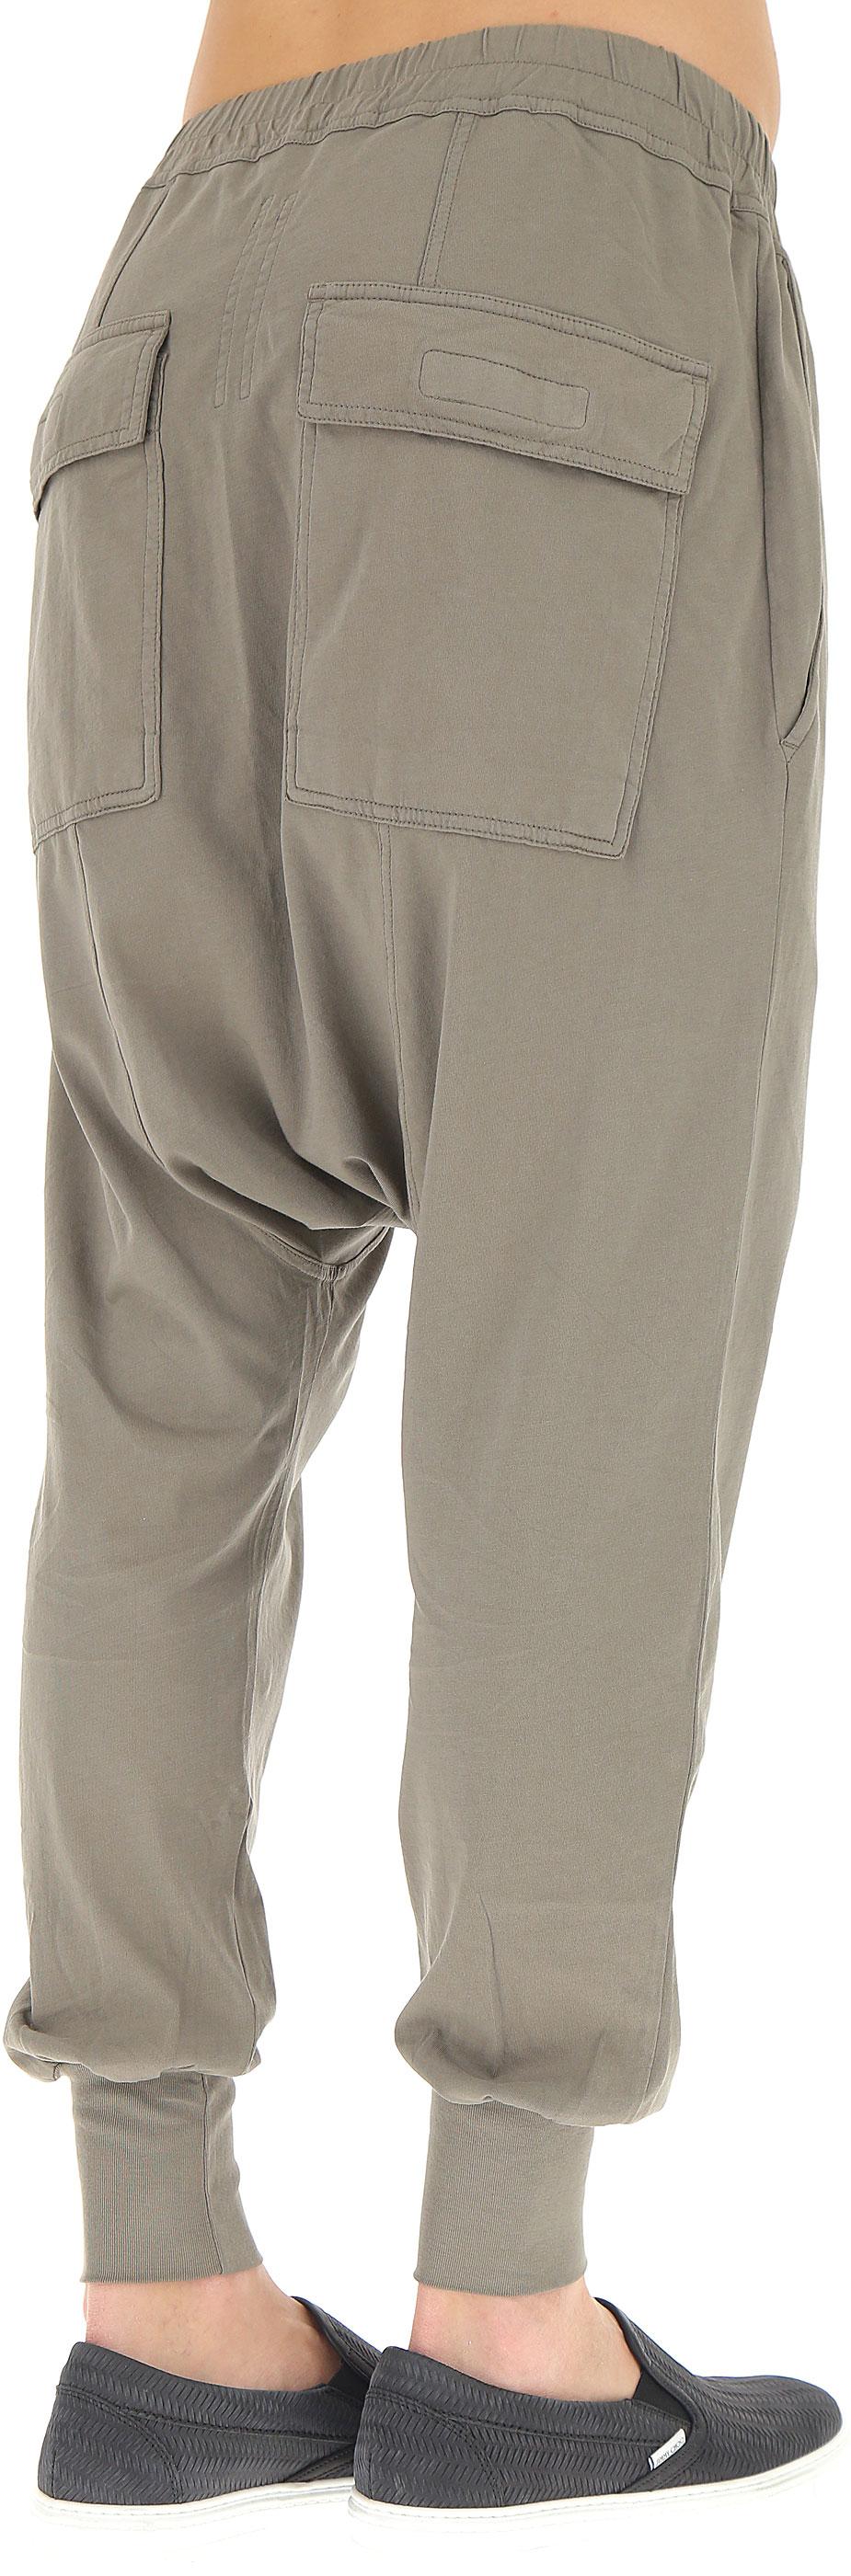 Abbigliamento Uomo Drkshdw Codice Articolo Du18s3394-rn-34